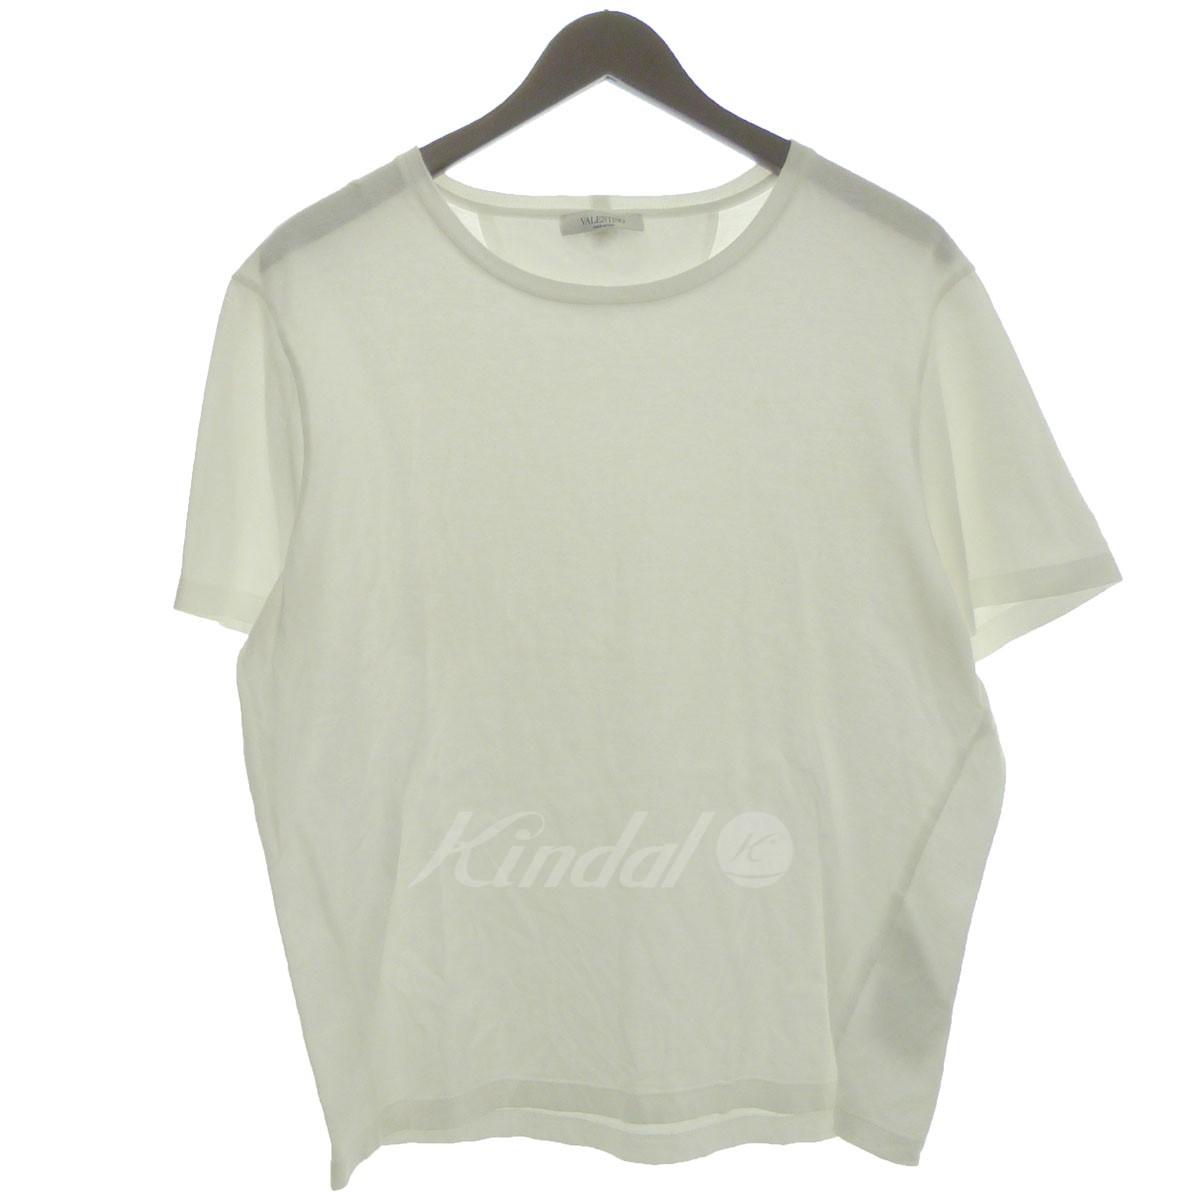 【中古】VALENTINO ロックスタッズTシャツ ホワイト サイズ:M 【240519】(ヴァレンチノ)